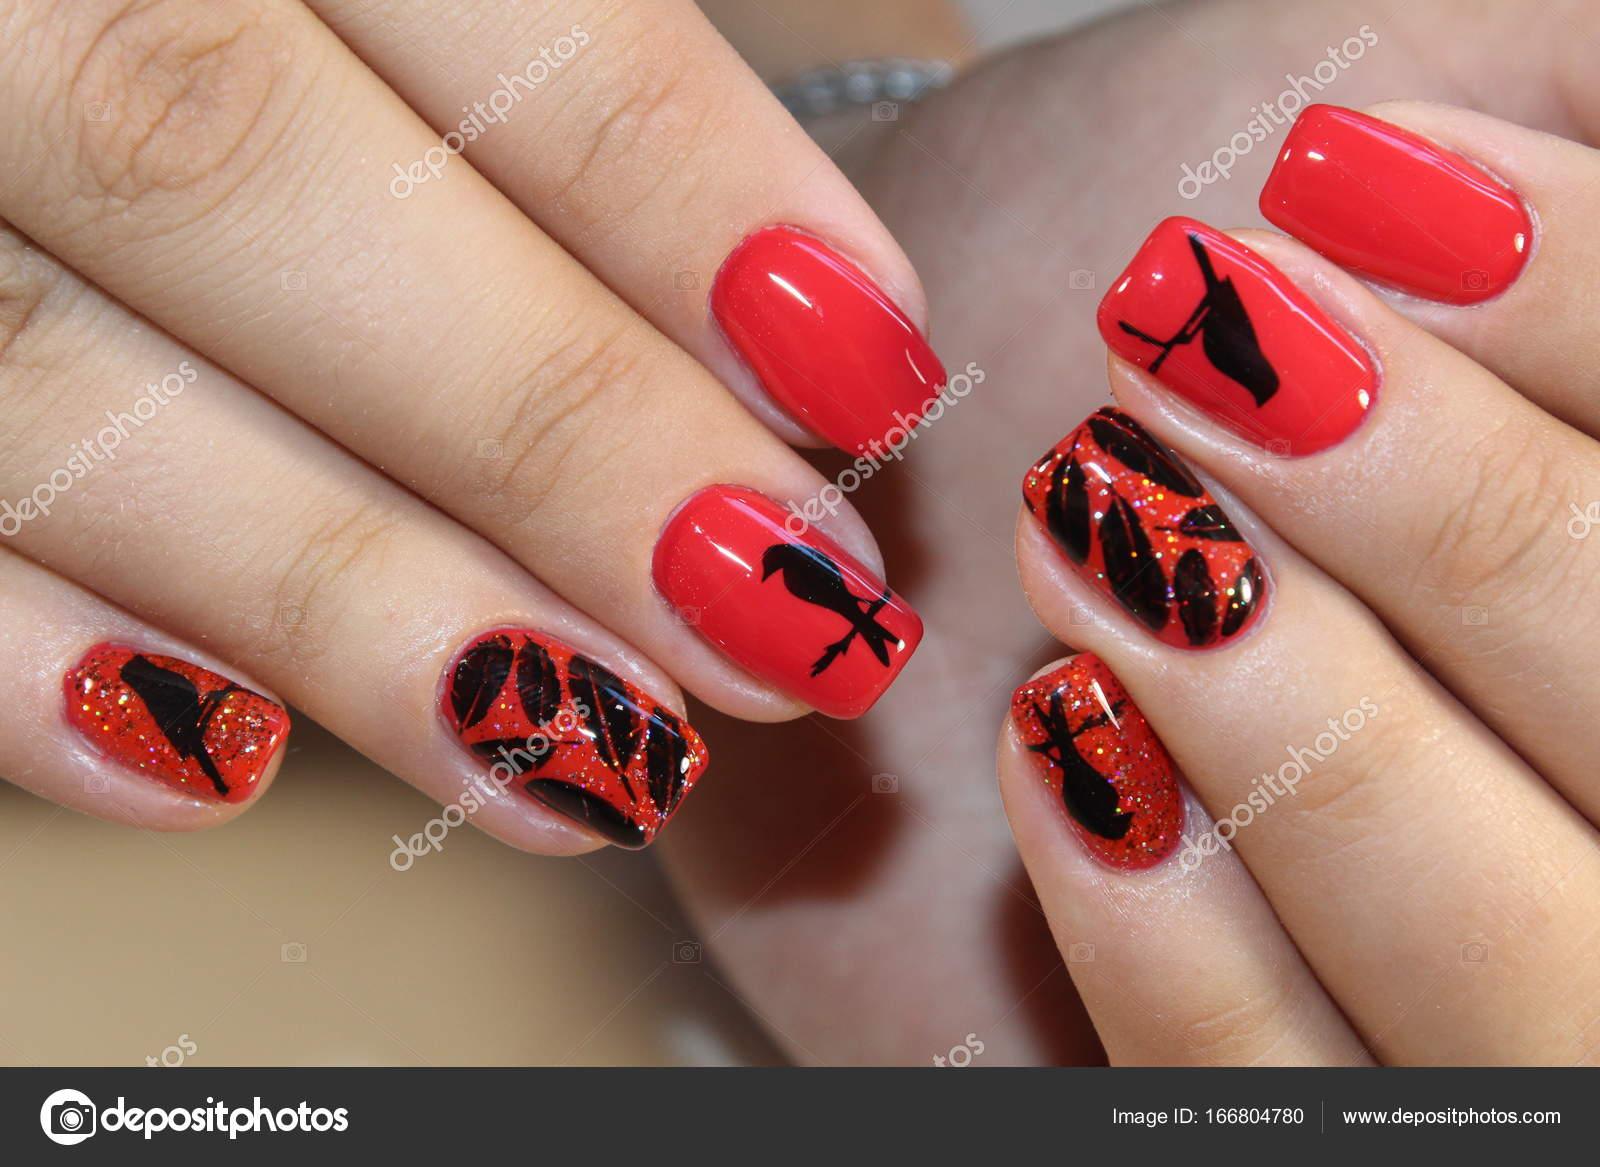 Maniküre Design rote Nägel — Stockfoto © SmirMaxStock #166804780